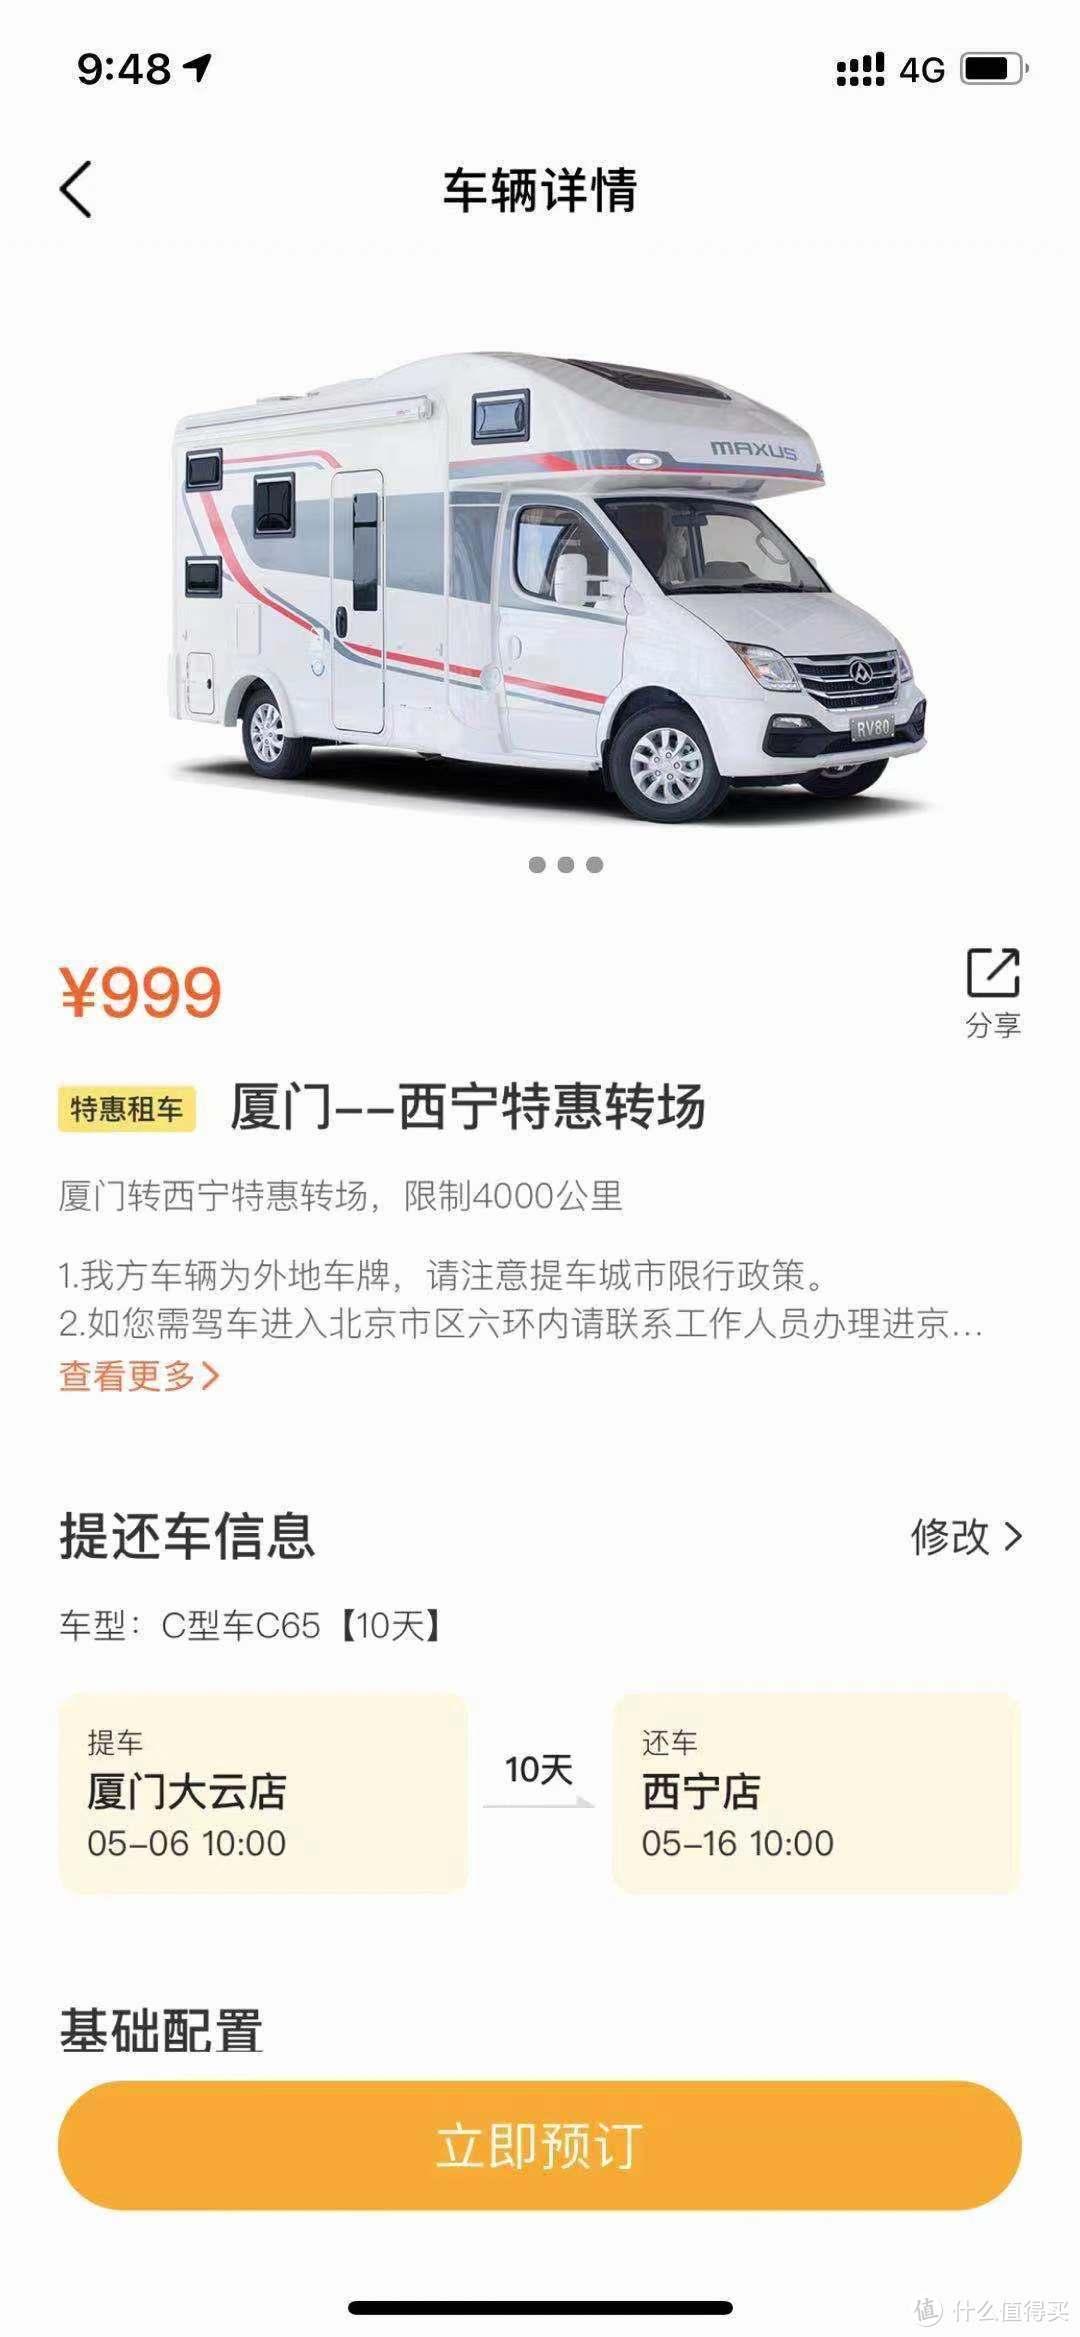 我们此次的租车的特惠车厦门-西宁(限制4000公里,10天,特价999元)